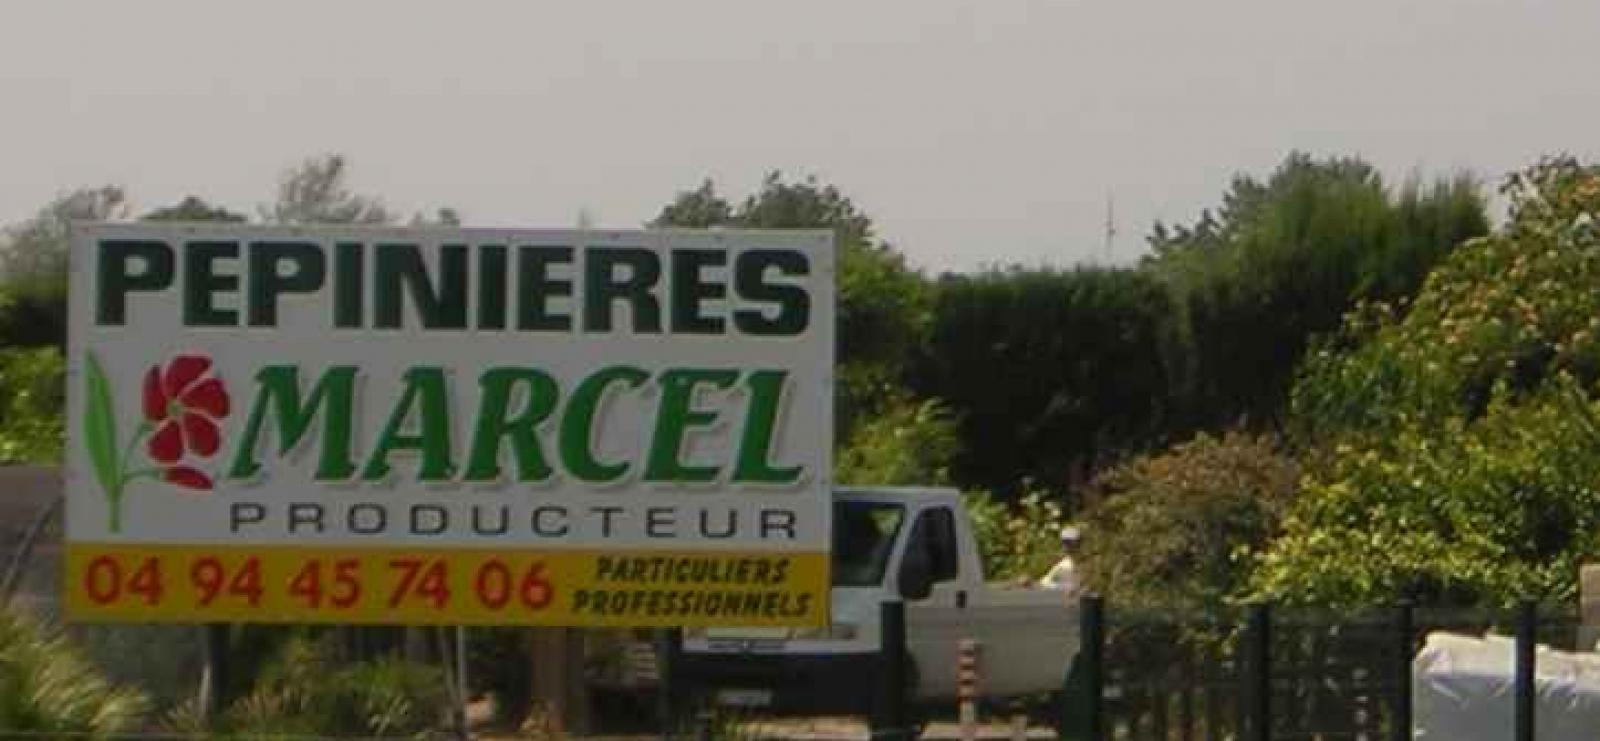 Pépinière Marcel